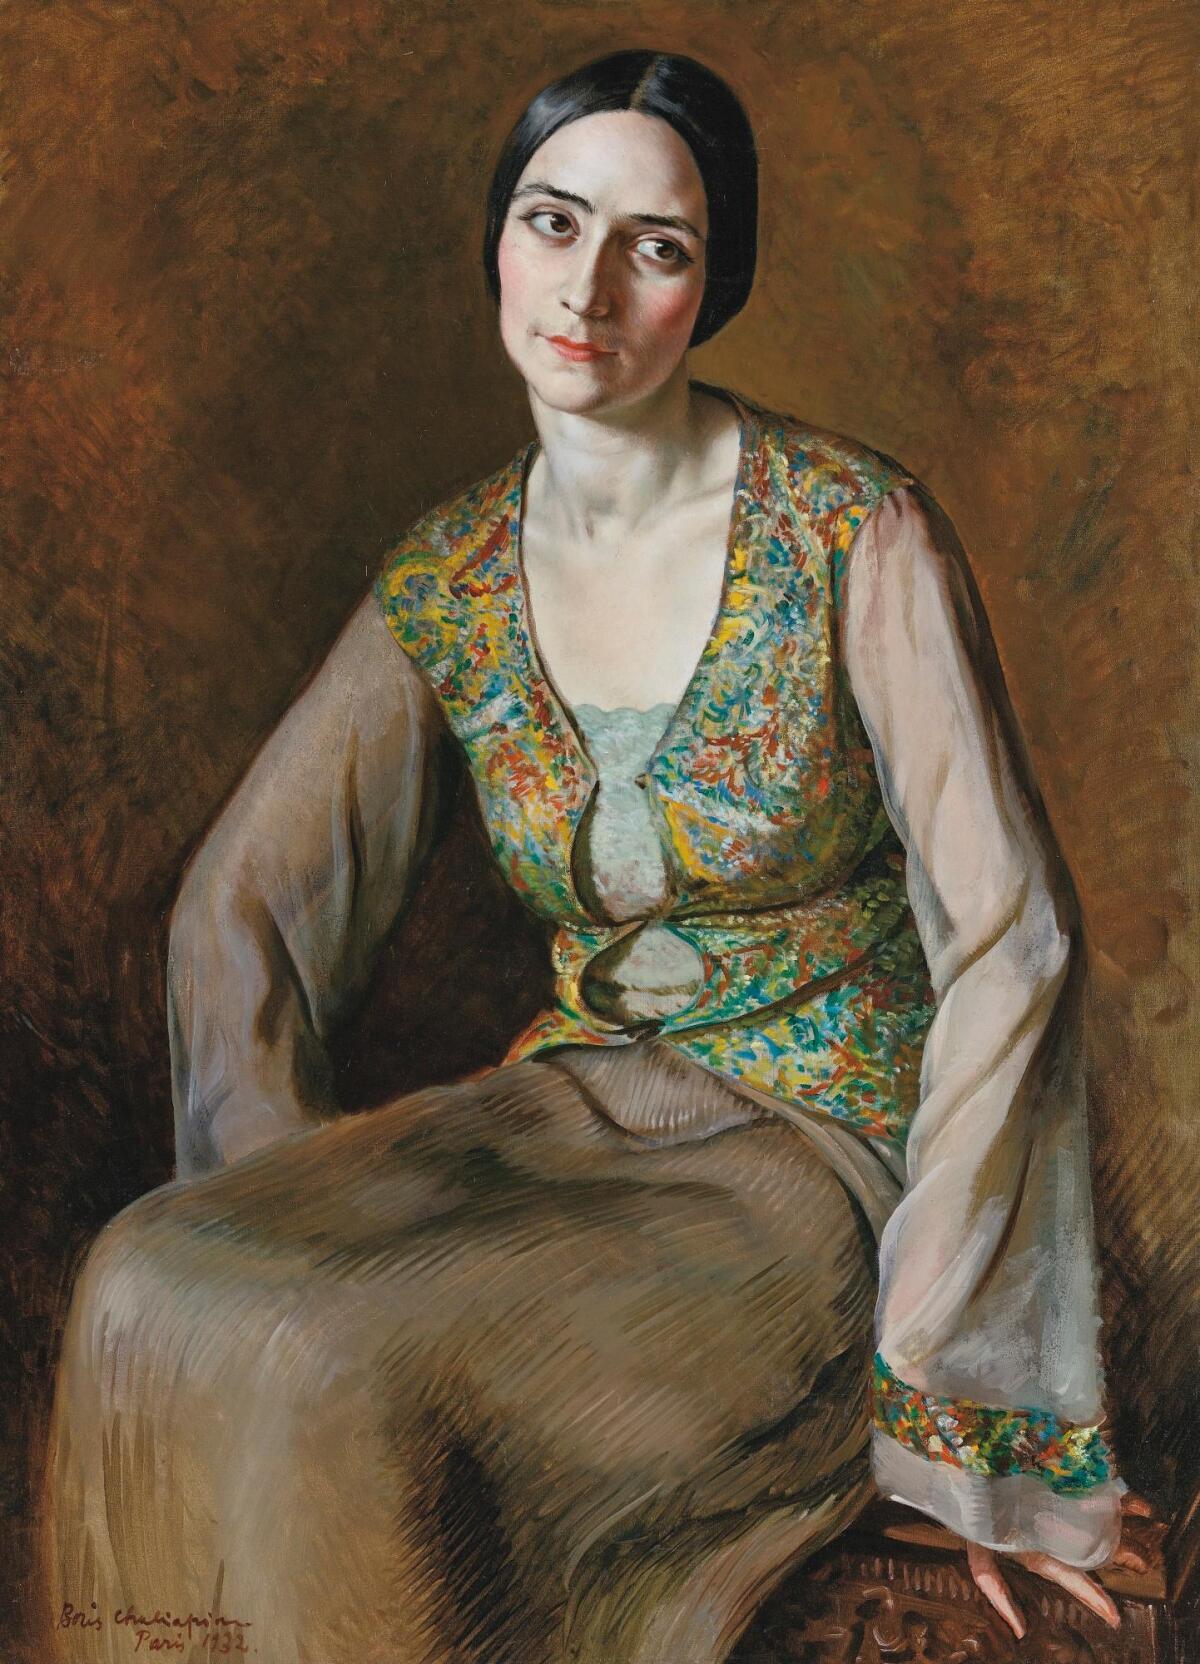 Борис Шаляпин, «Портрет Ольги Спесивцевой», 1932 г.